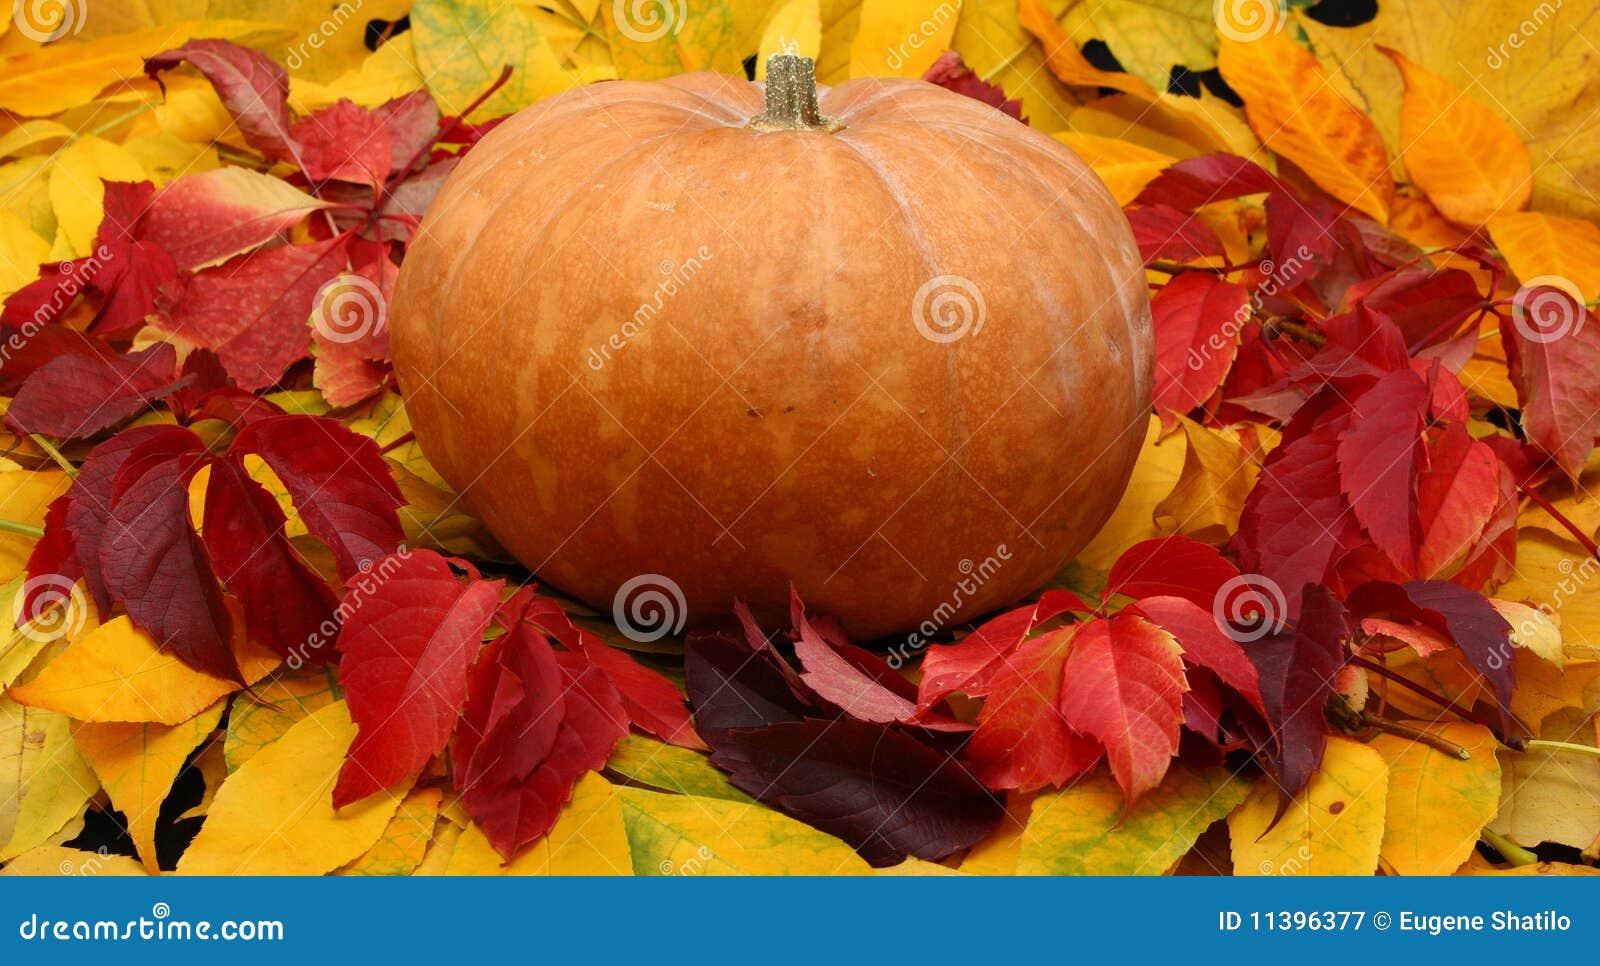 Calabaza de Víspera de Todos los Santos en hojas coloridas